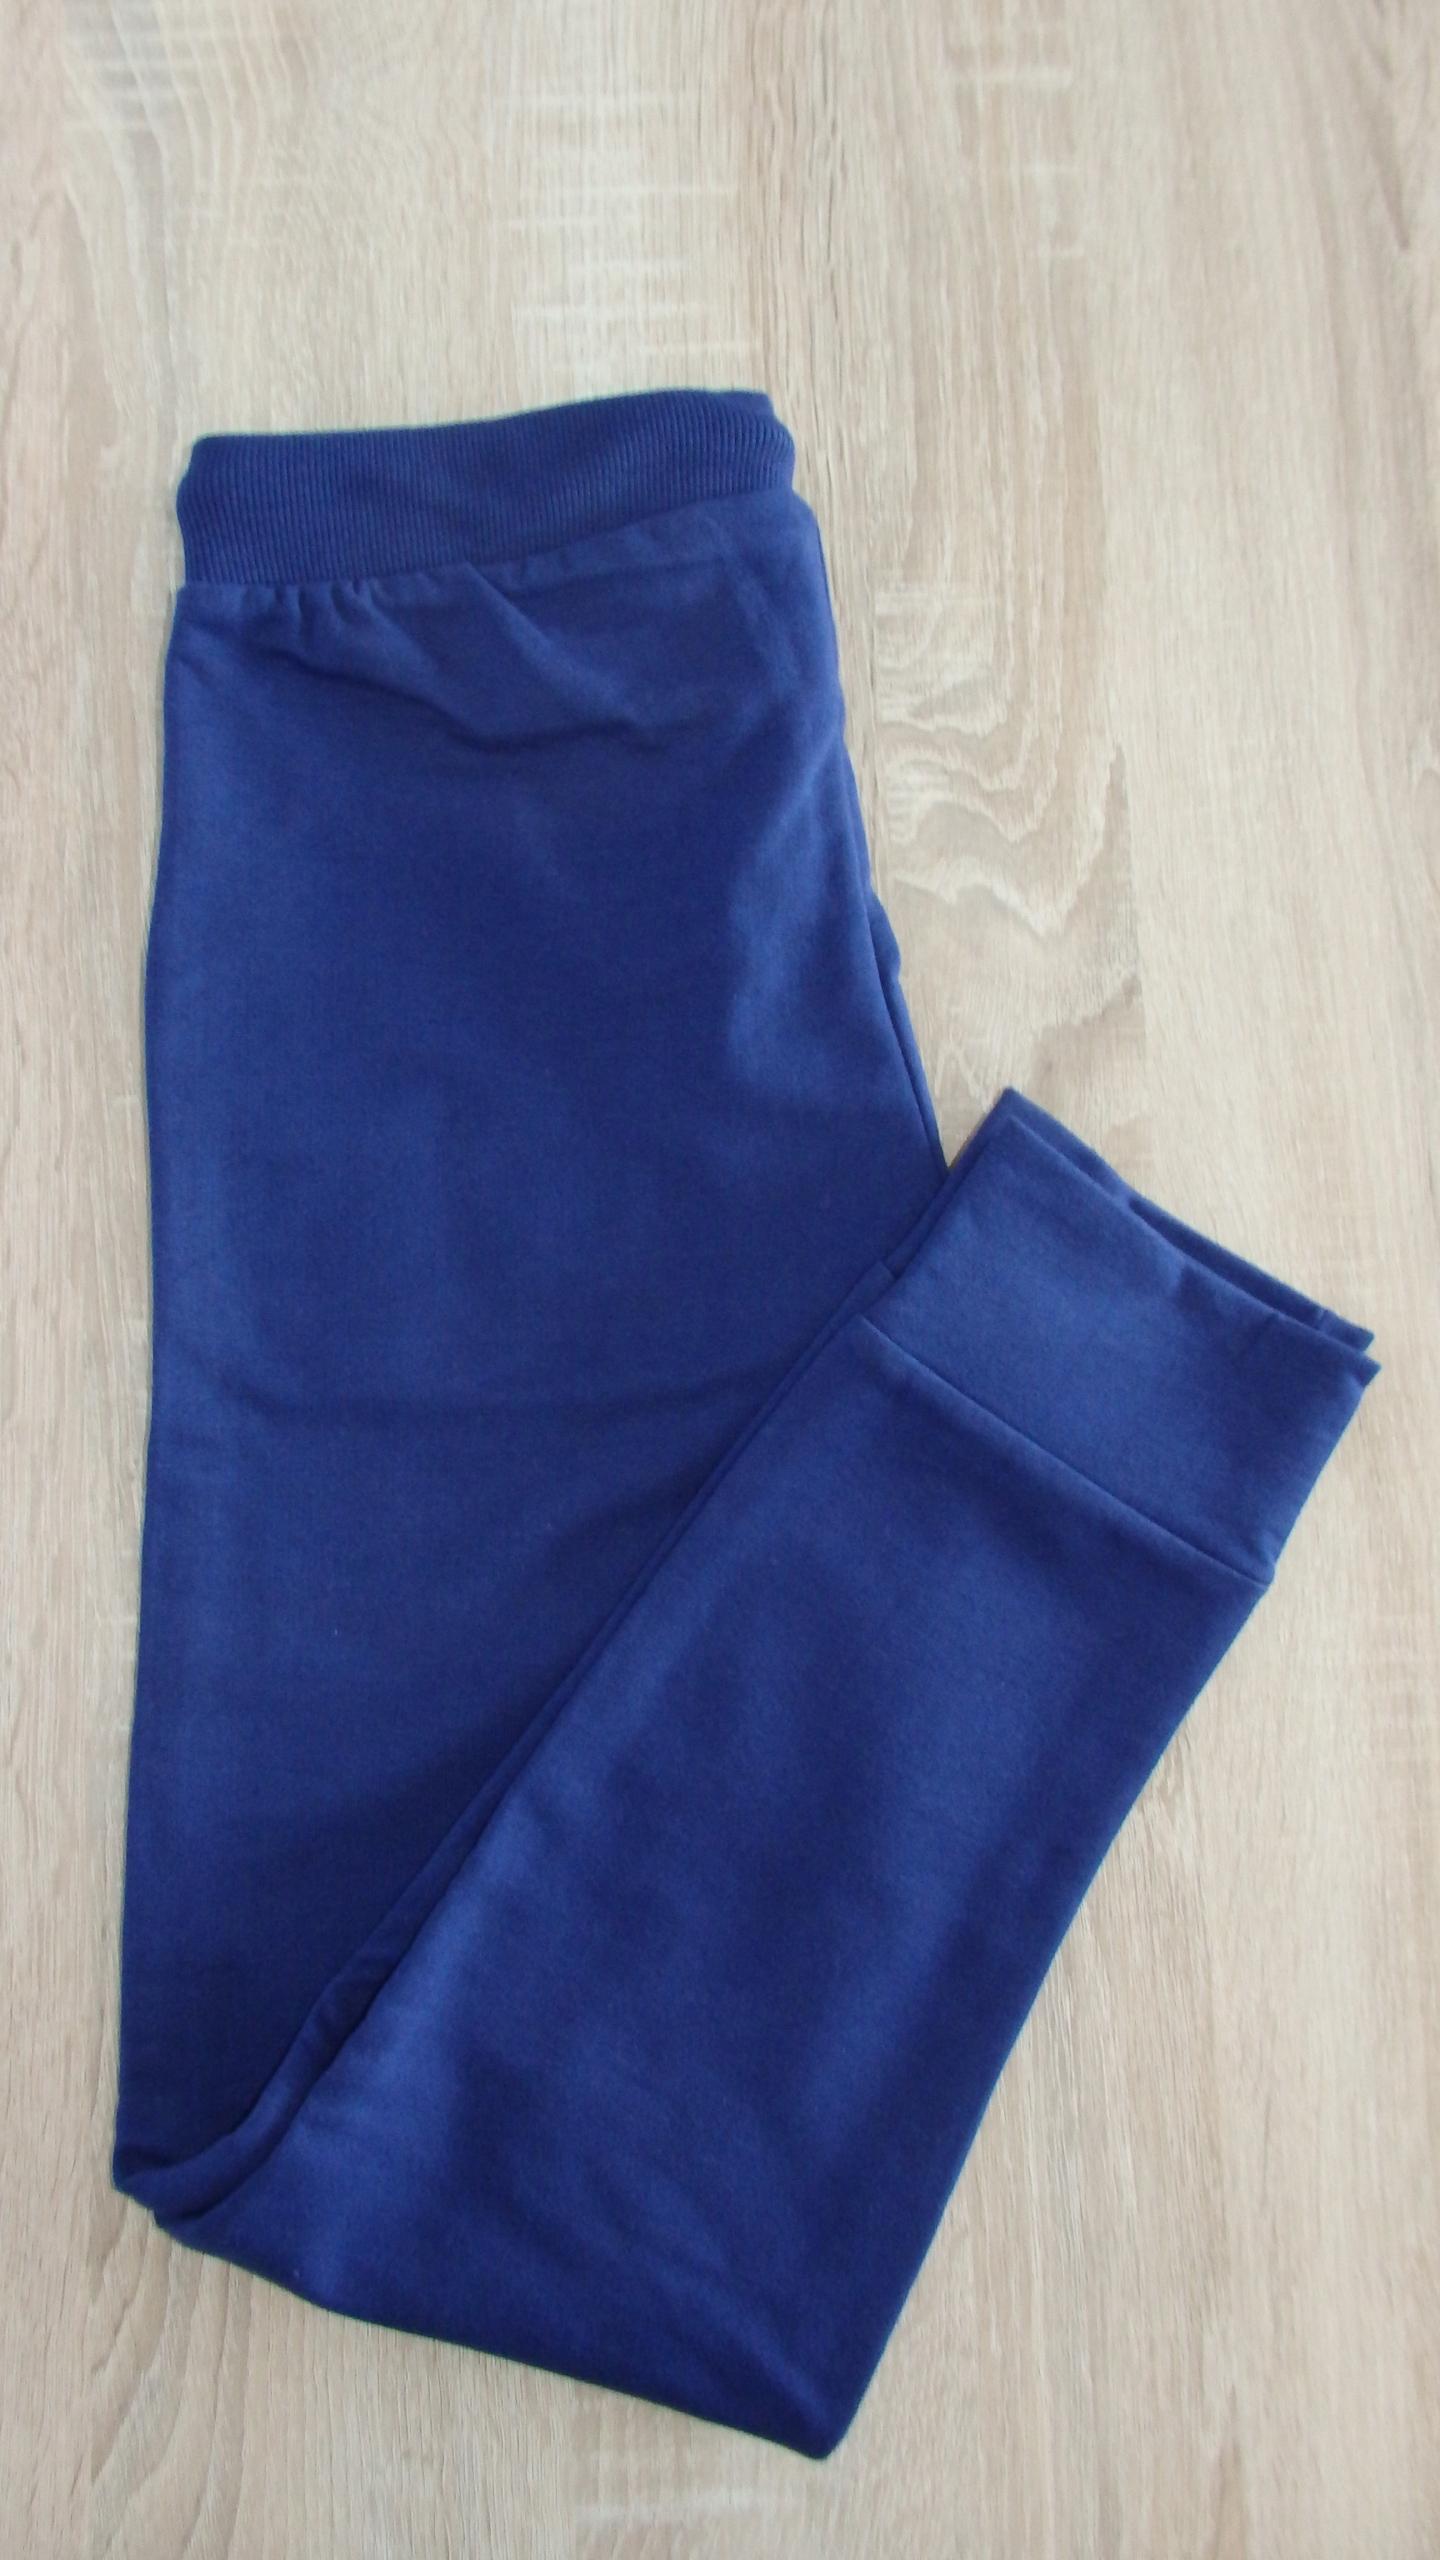 COOL CLUB Smyk spodnie materiałowe dresowe r. 134